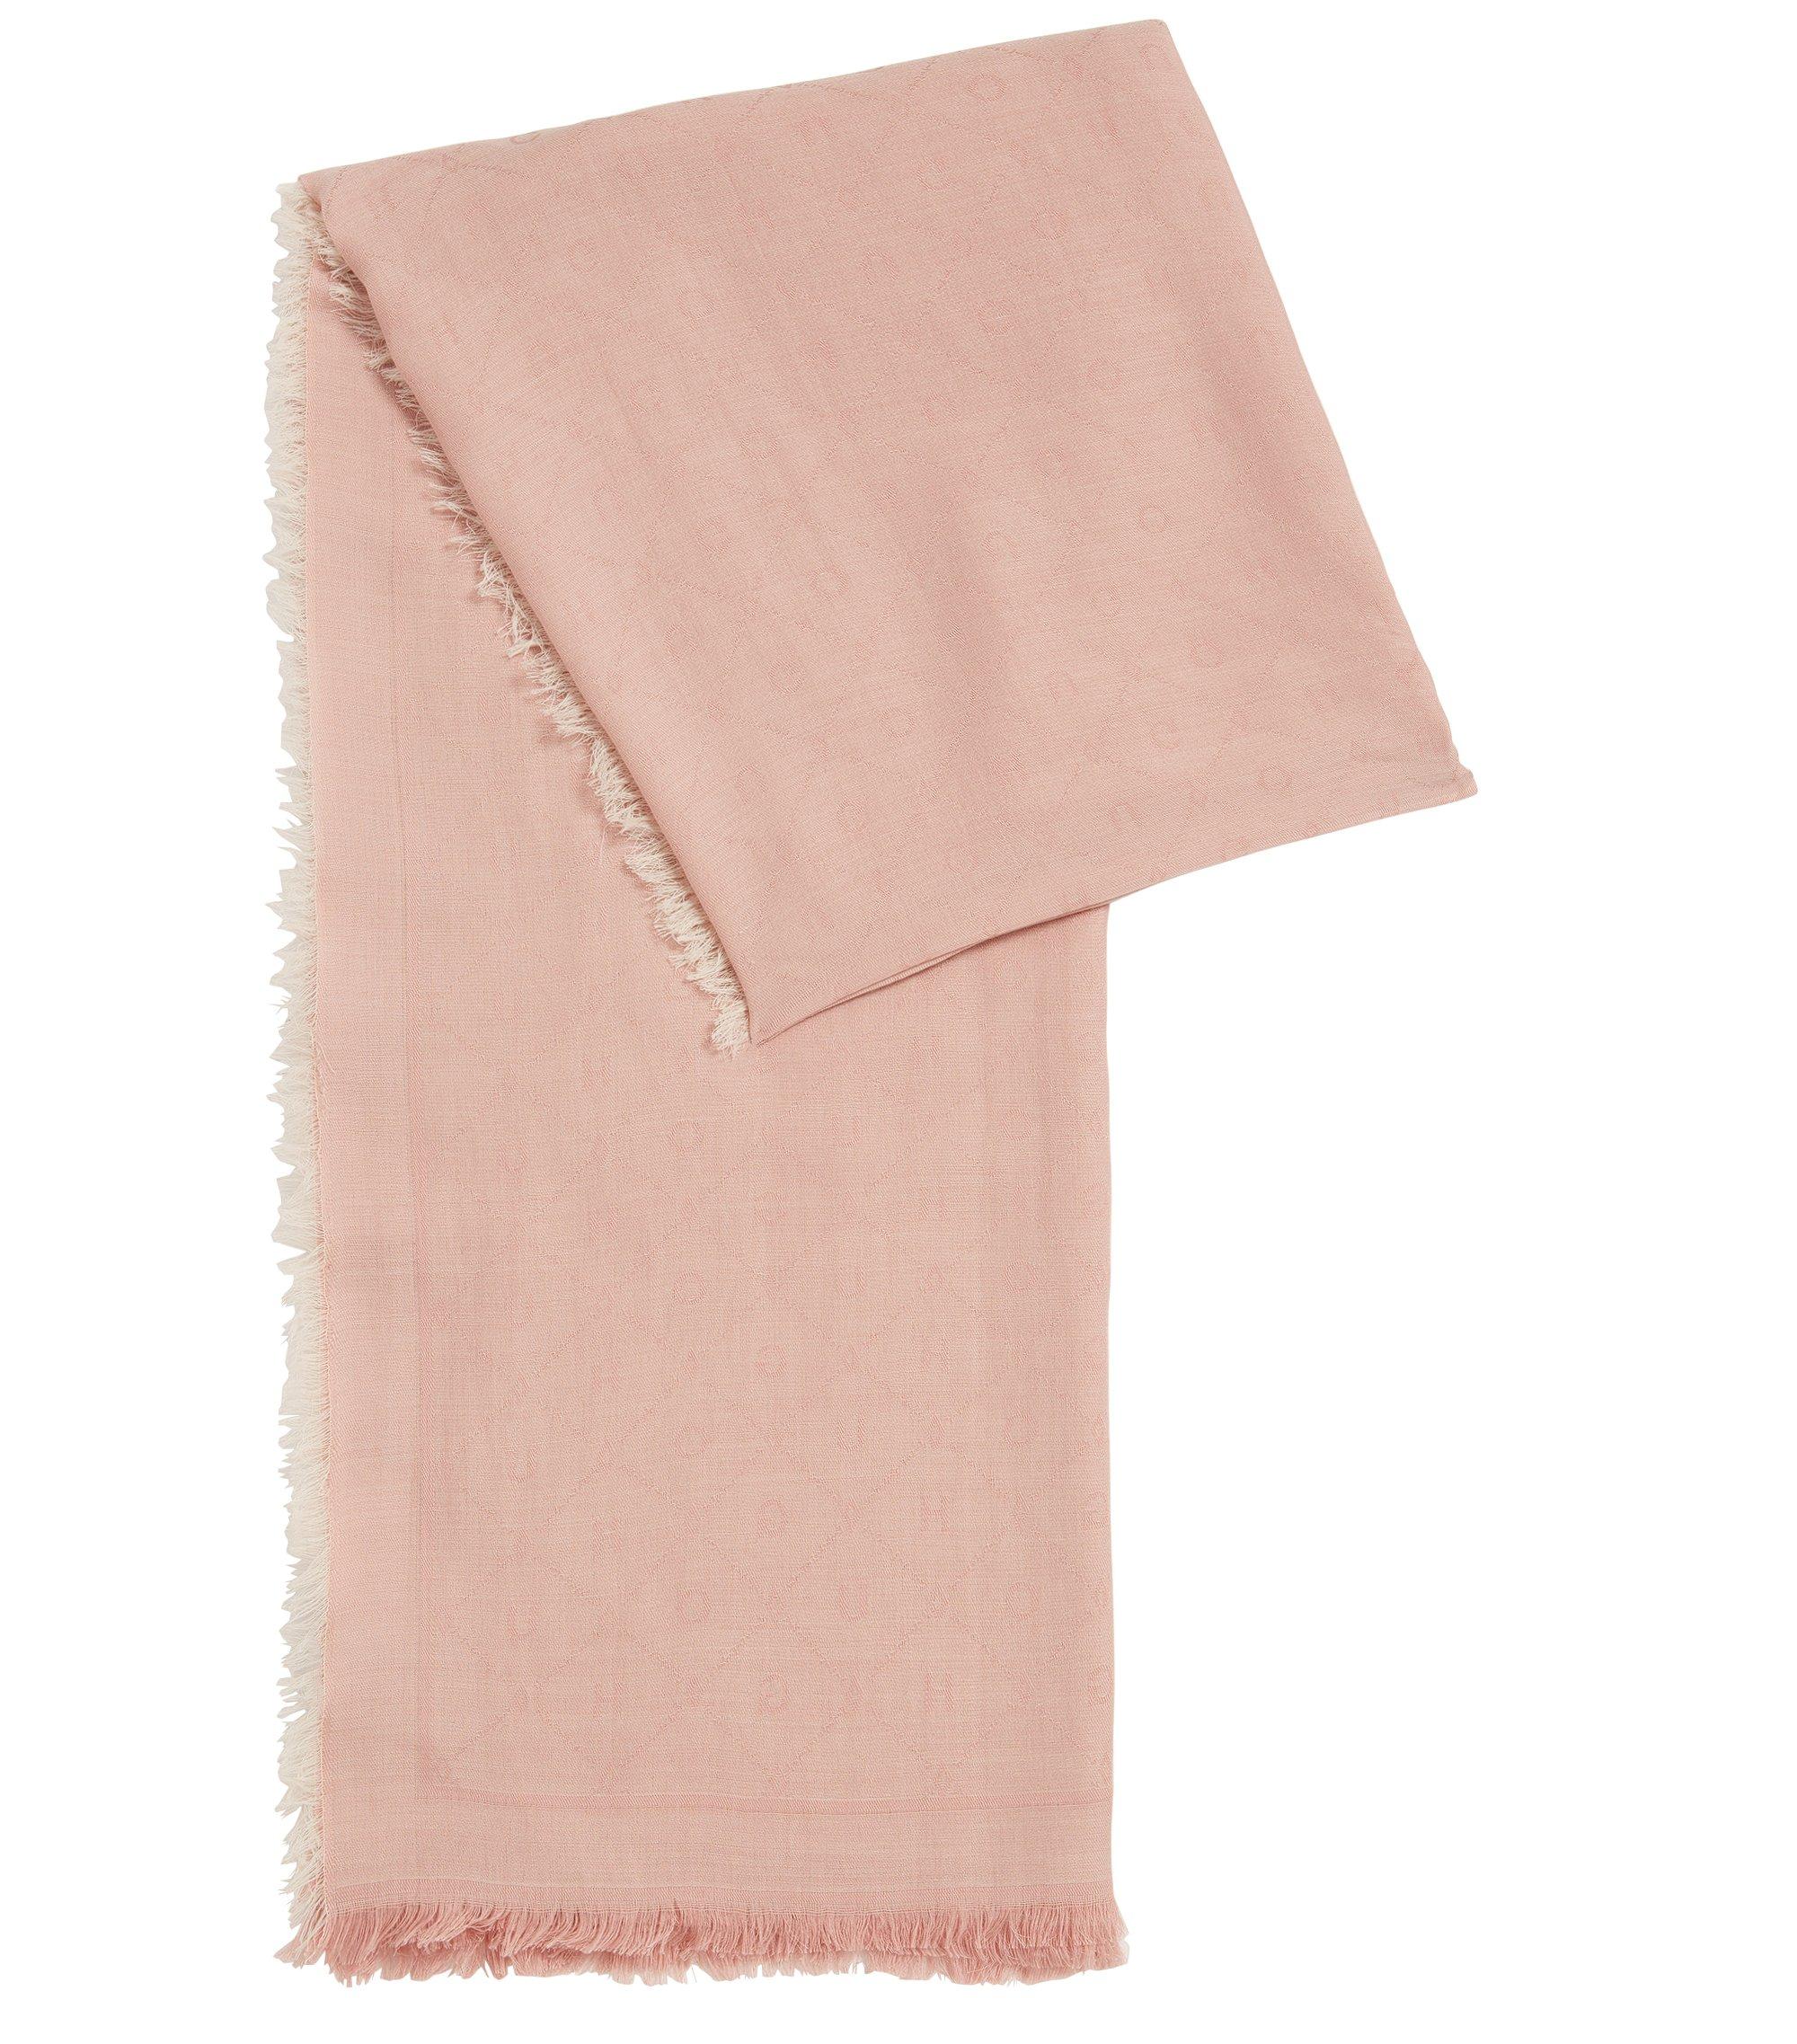 Jacquard-Schal mit Ton in Ton gehaltenem Logo-Muster, Hellrosa